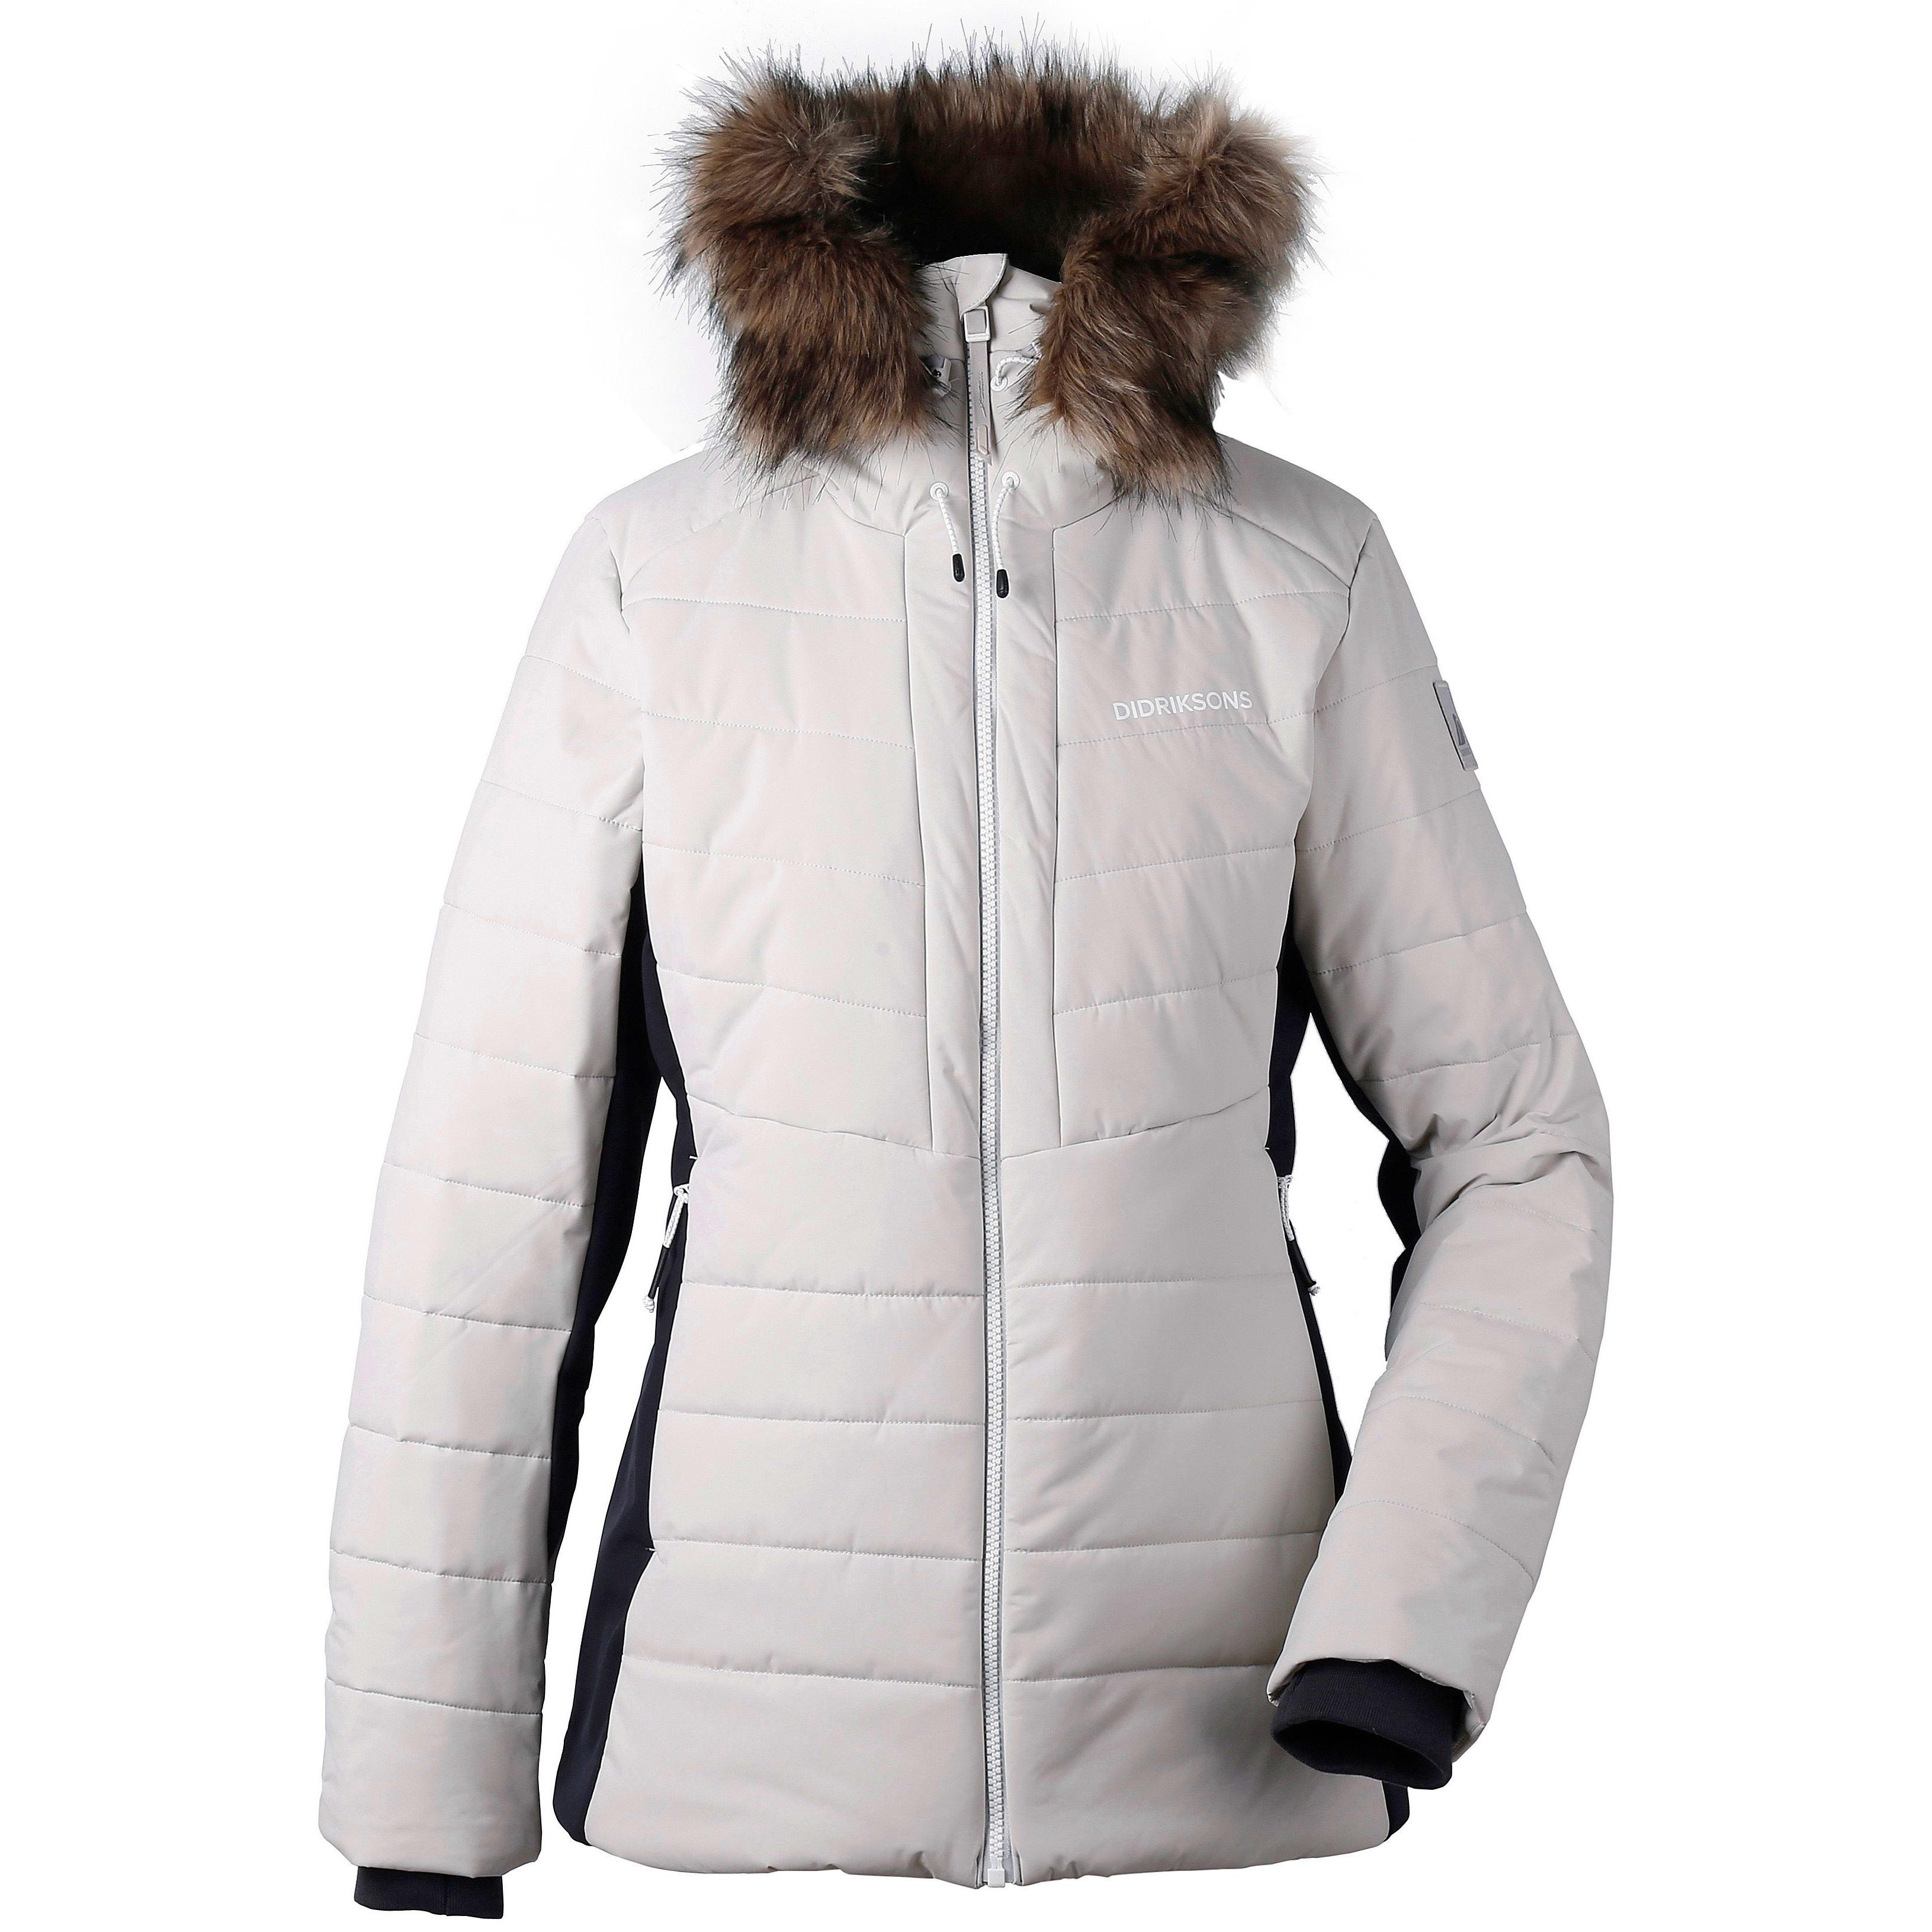 dc23bb321 Ona Women's Padded Jacket